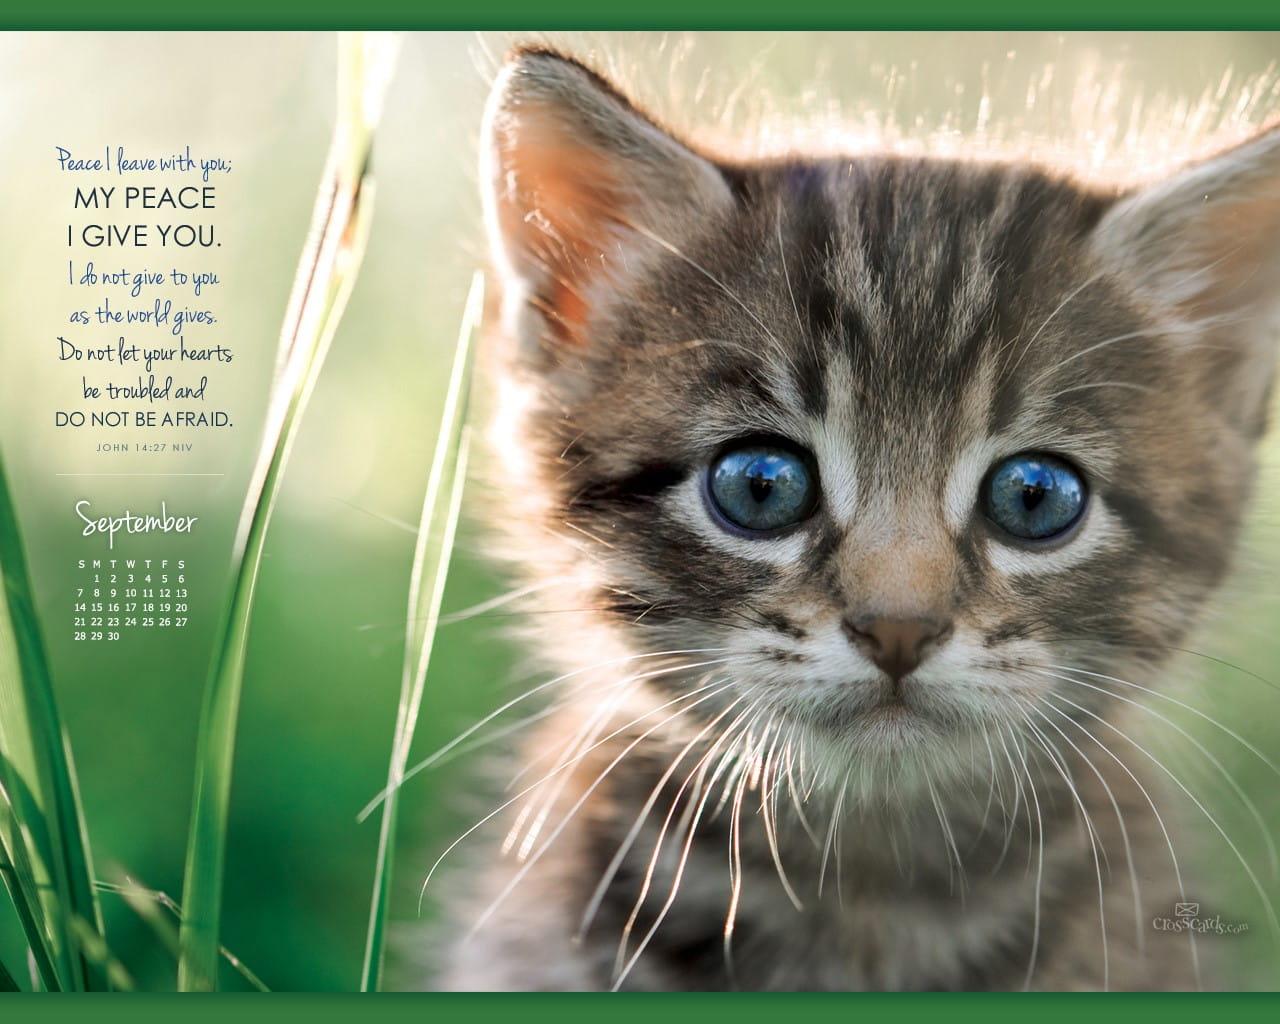 Fall Kittens Wallpaper Sept 2014 John 14 27 Niv Desktop Calendar Free